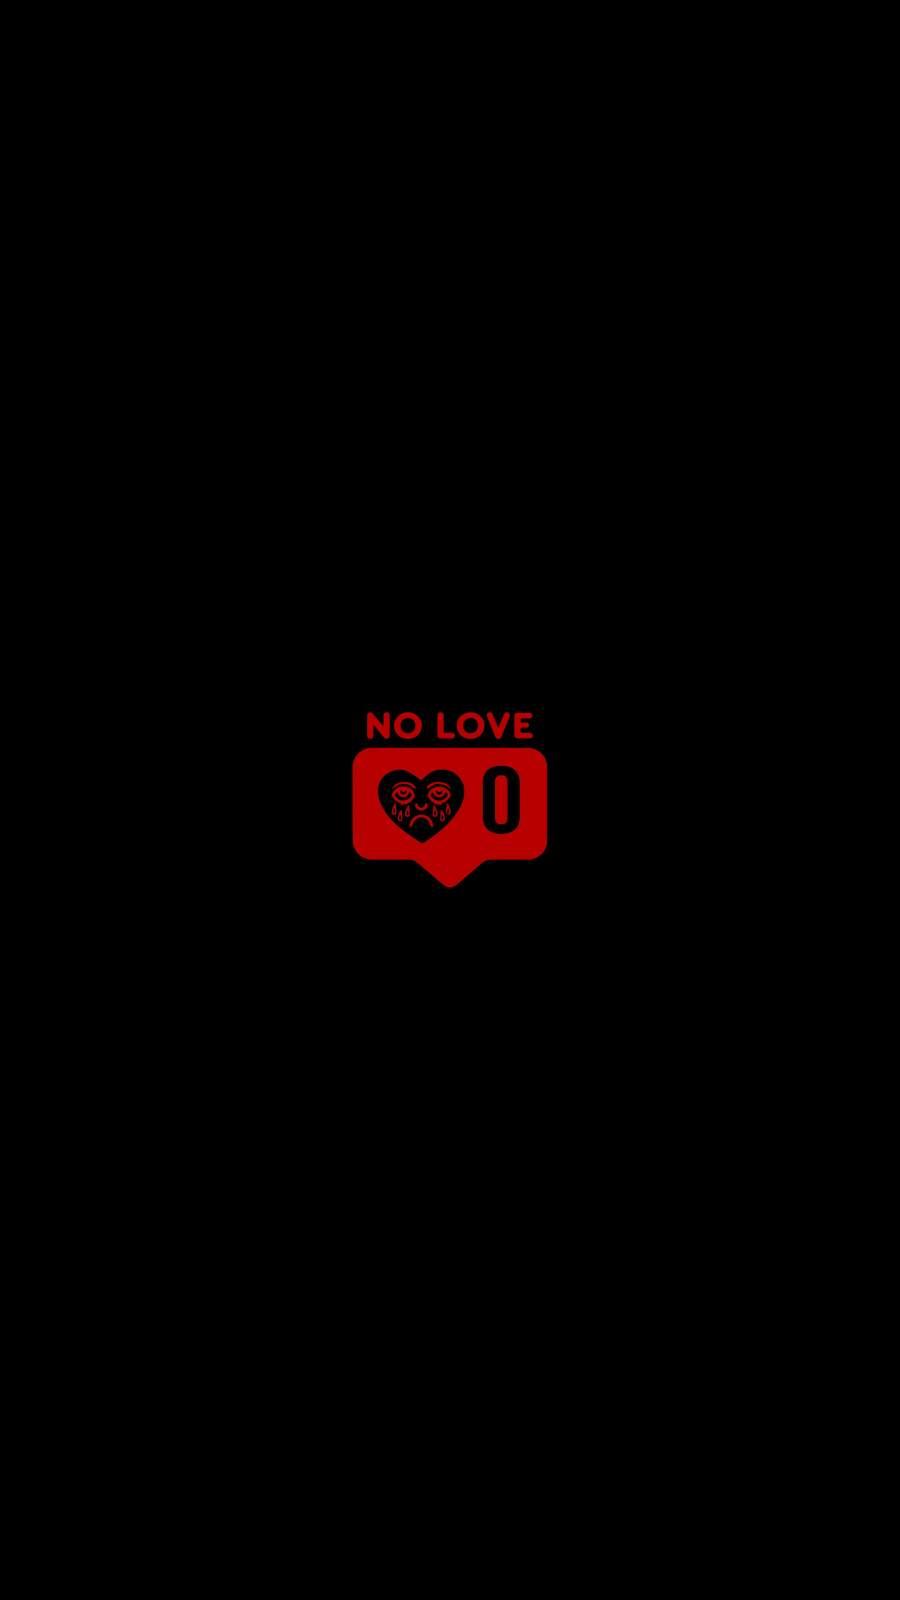 No Love Background